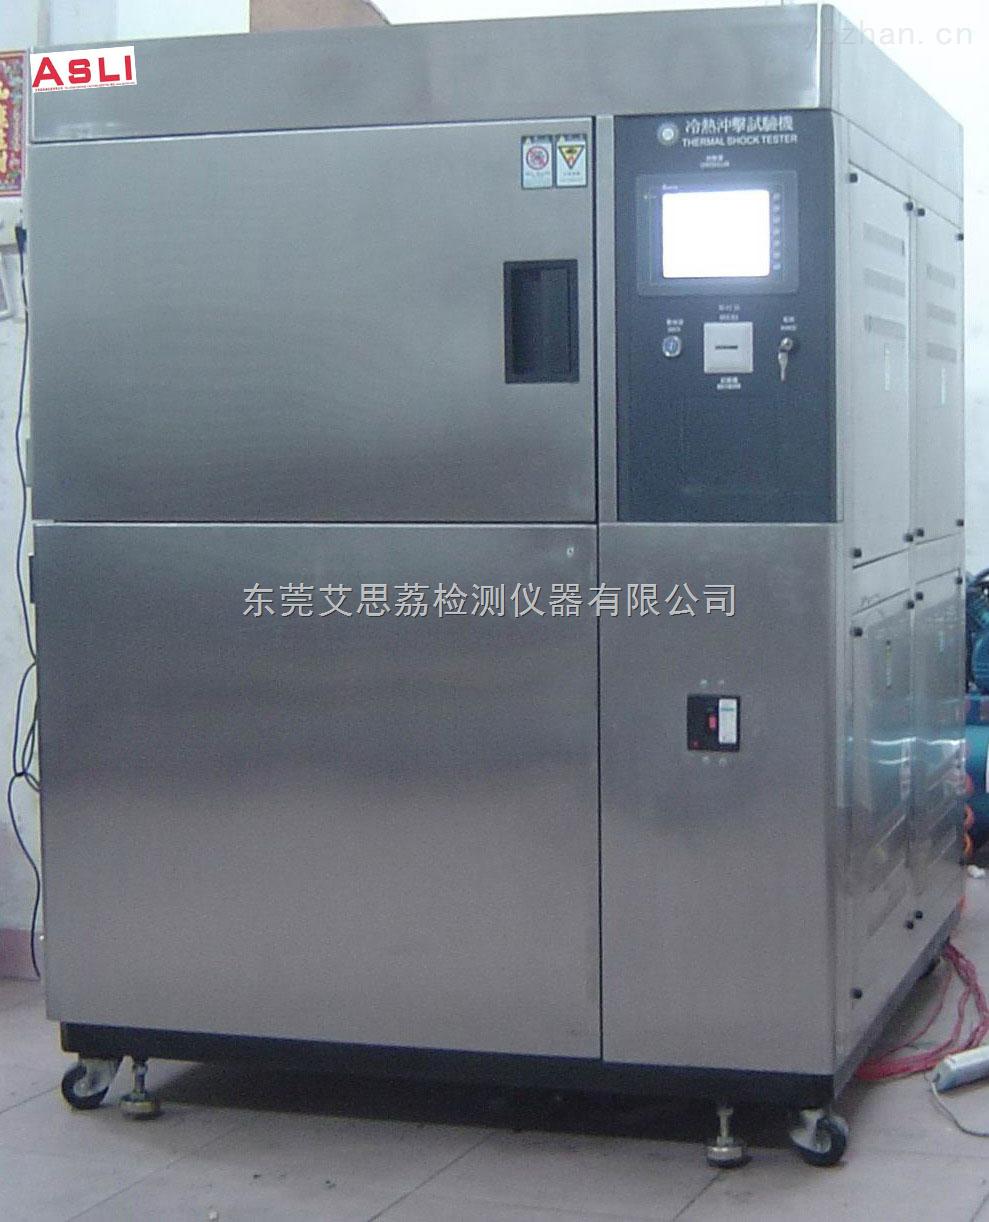 二箱式冷热冲击试验机厂家使用方法 压缩机